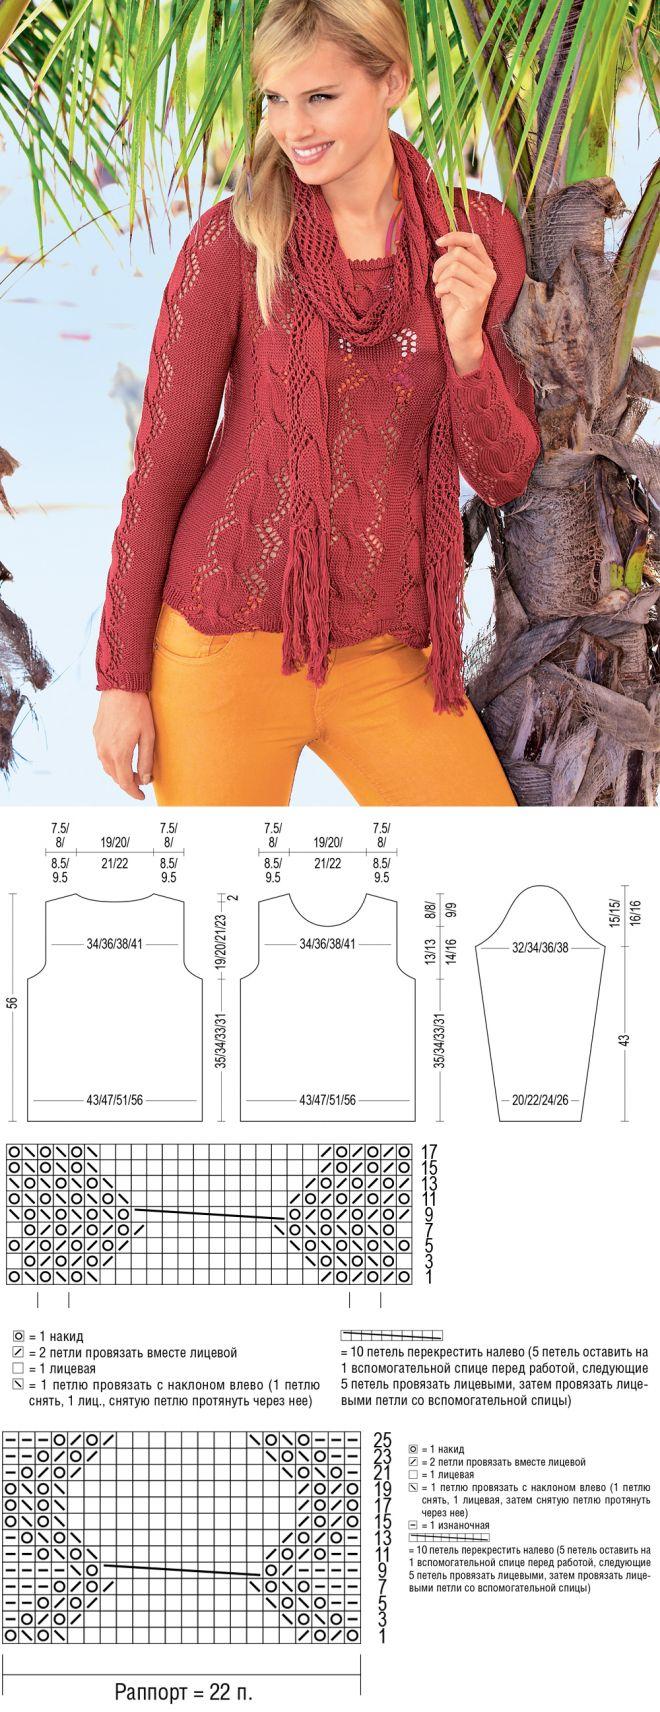 Джемпер с ажурными «косами» и шарф с бахромой - схема вязания спицами. Вяжем Джемперы на Verena.ru